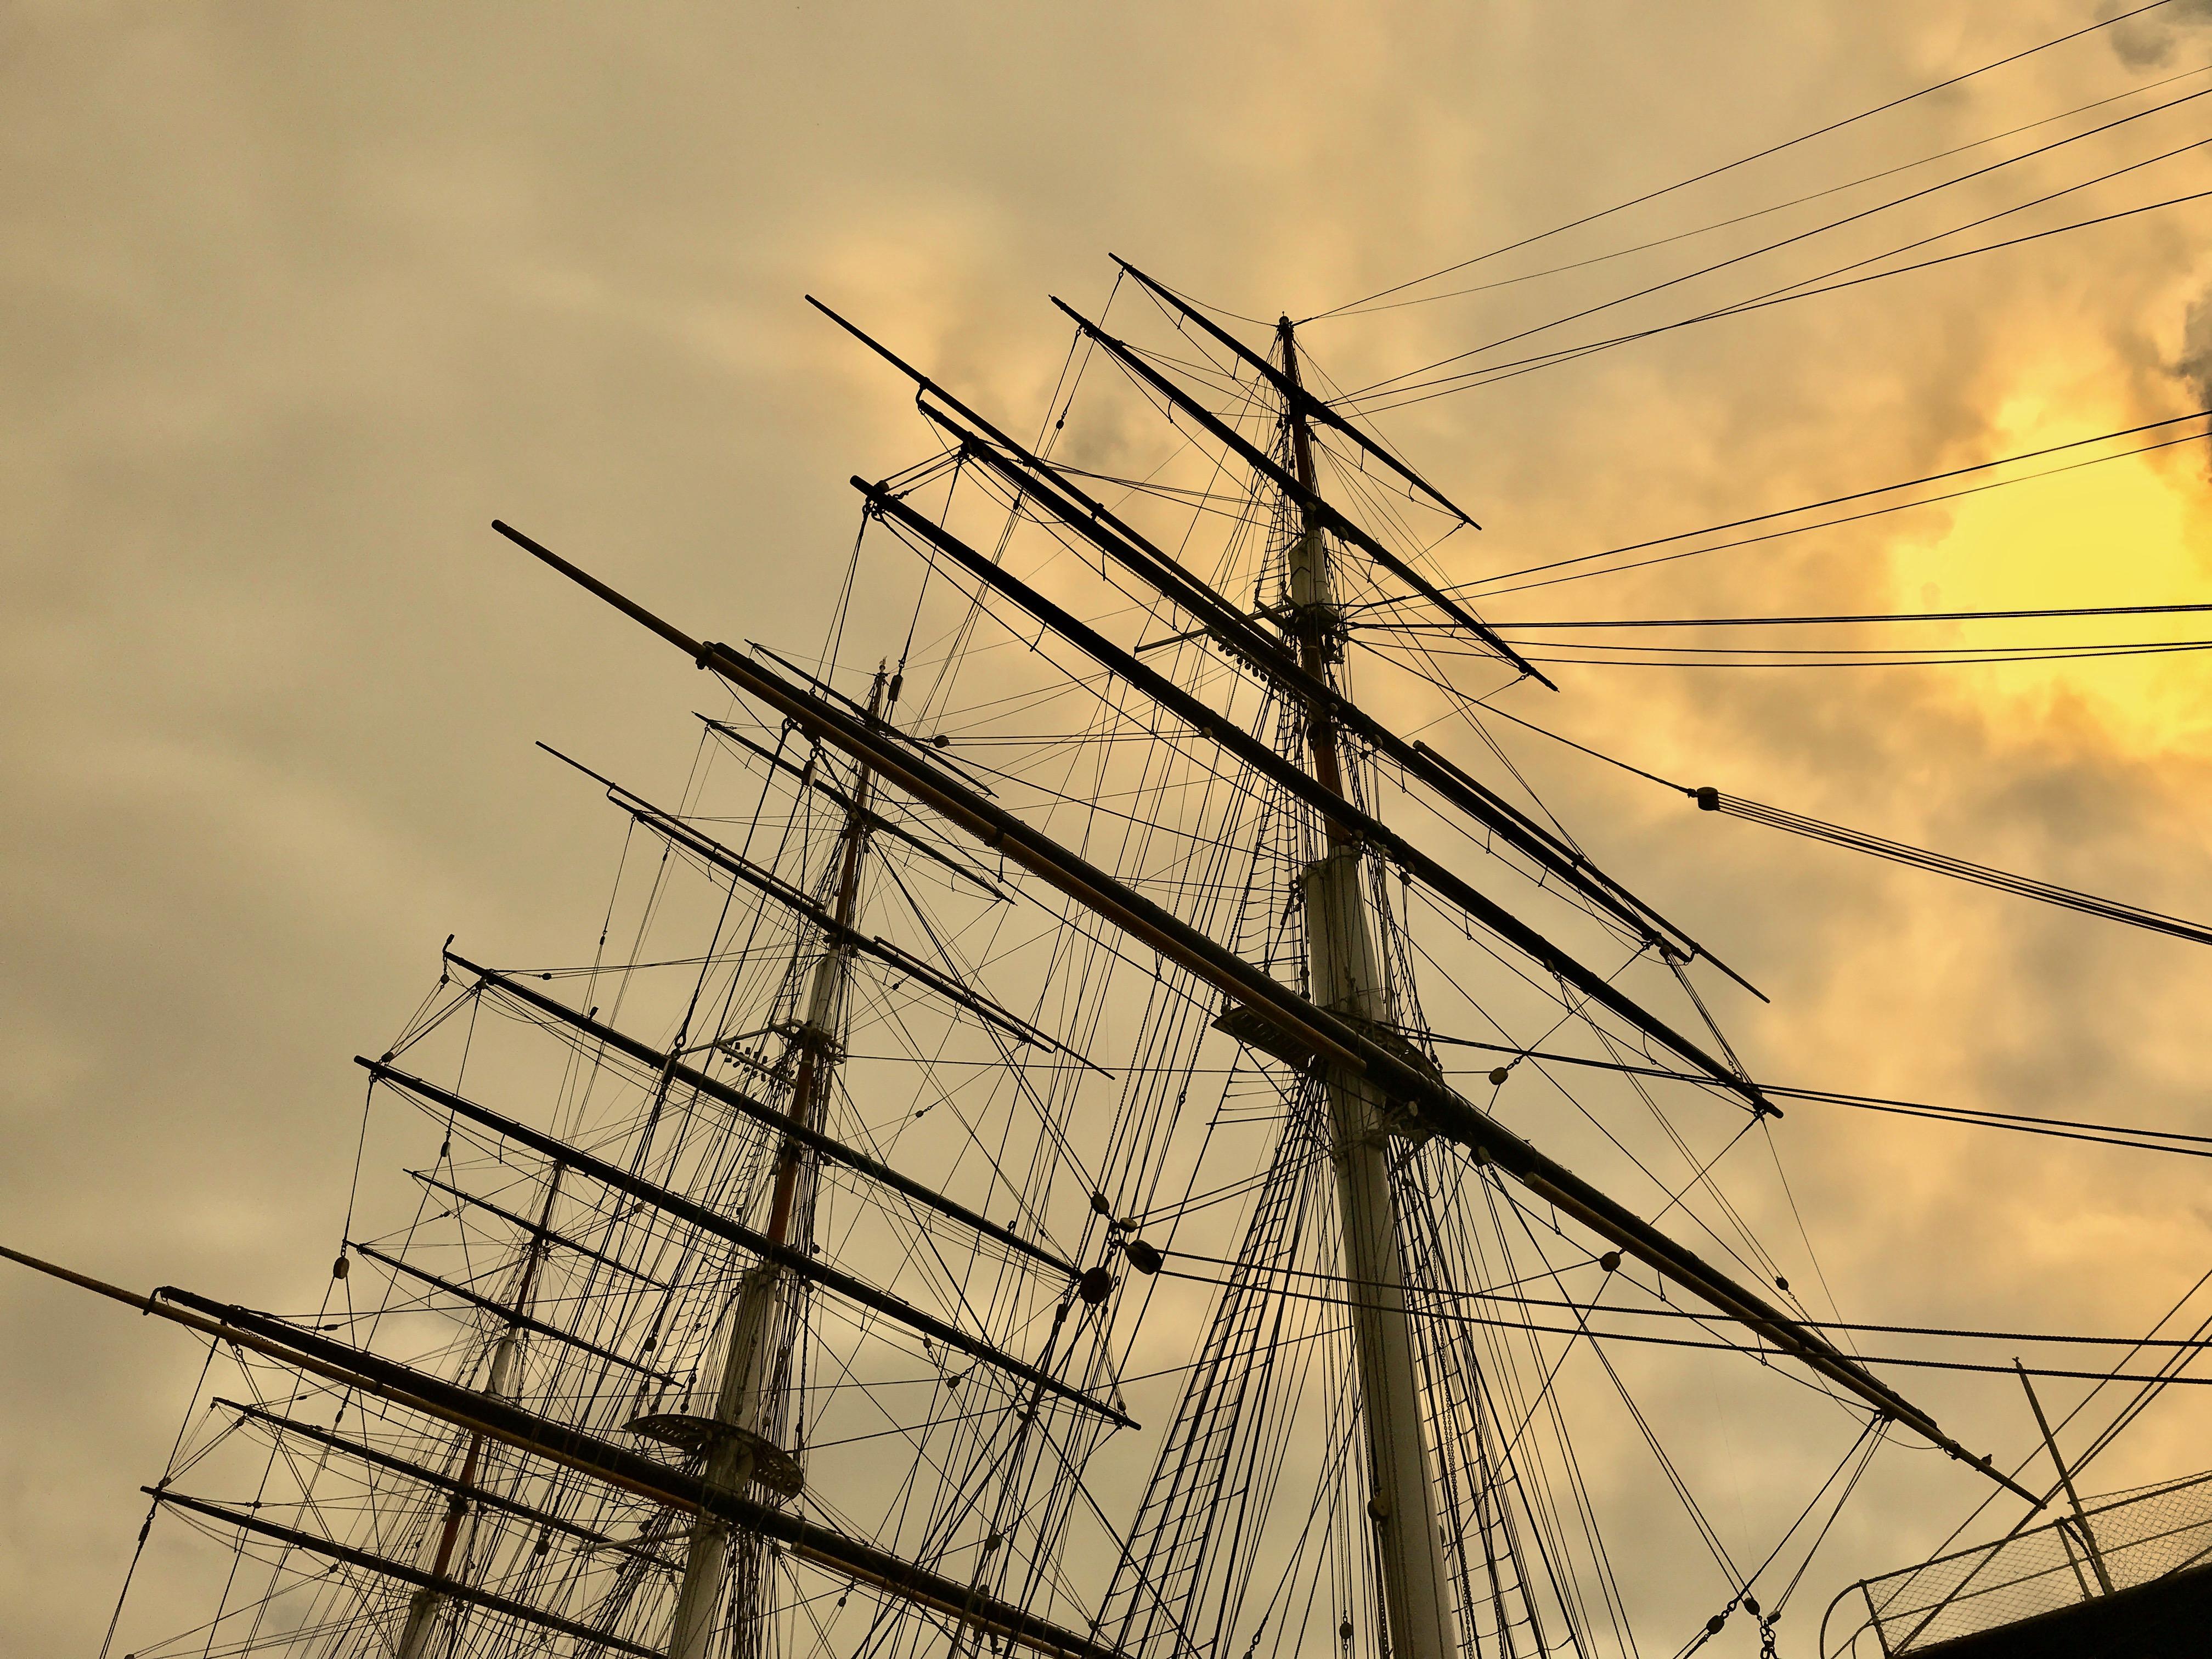 Ship masts graphic